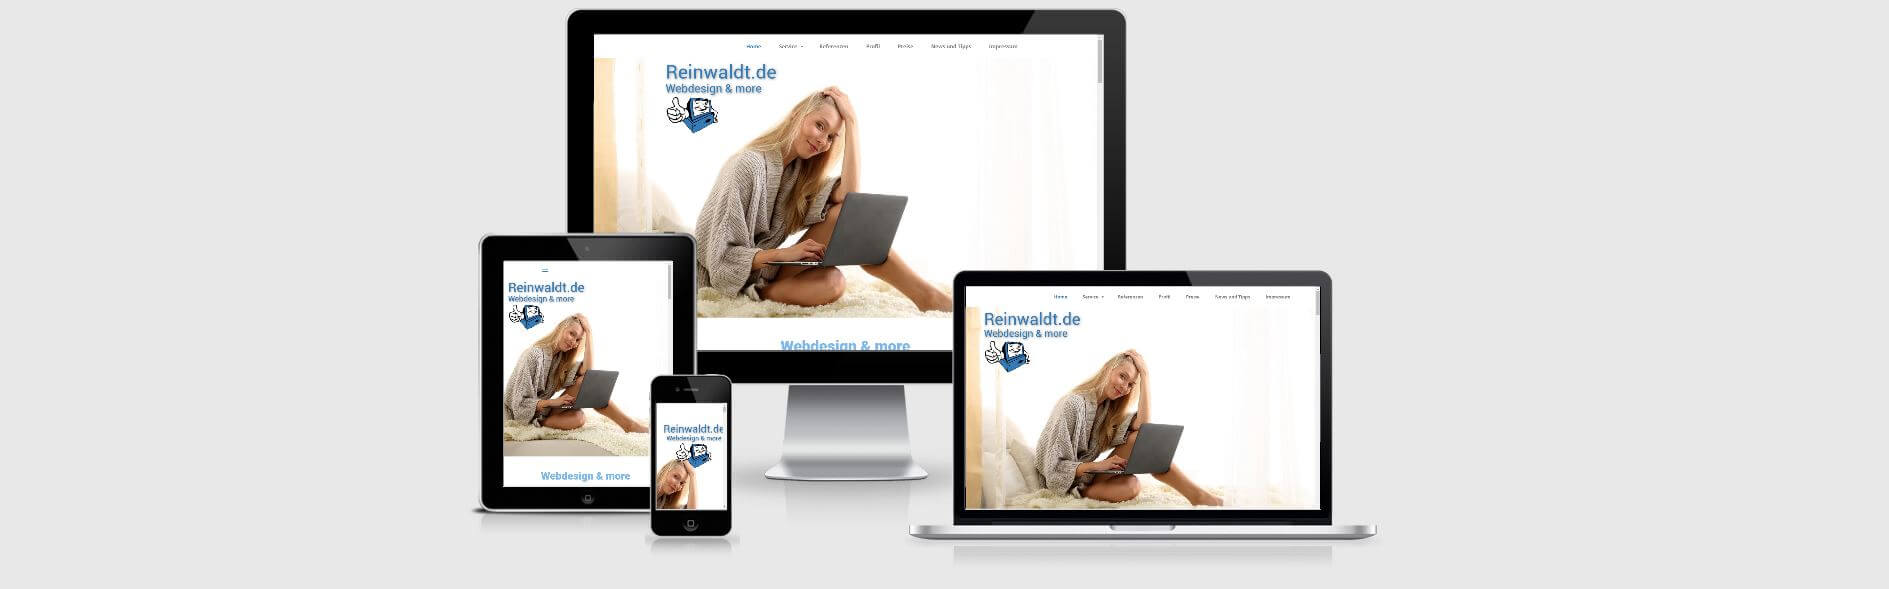 responsives-design-mit-reinwaldt-webdesign